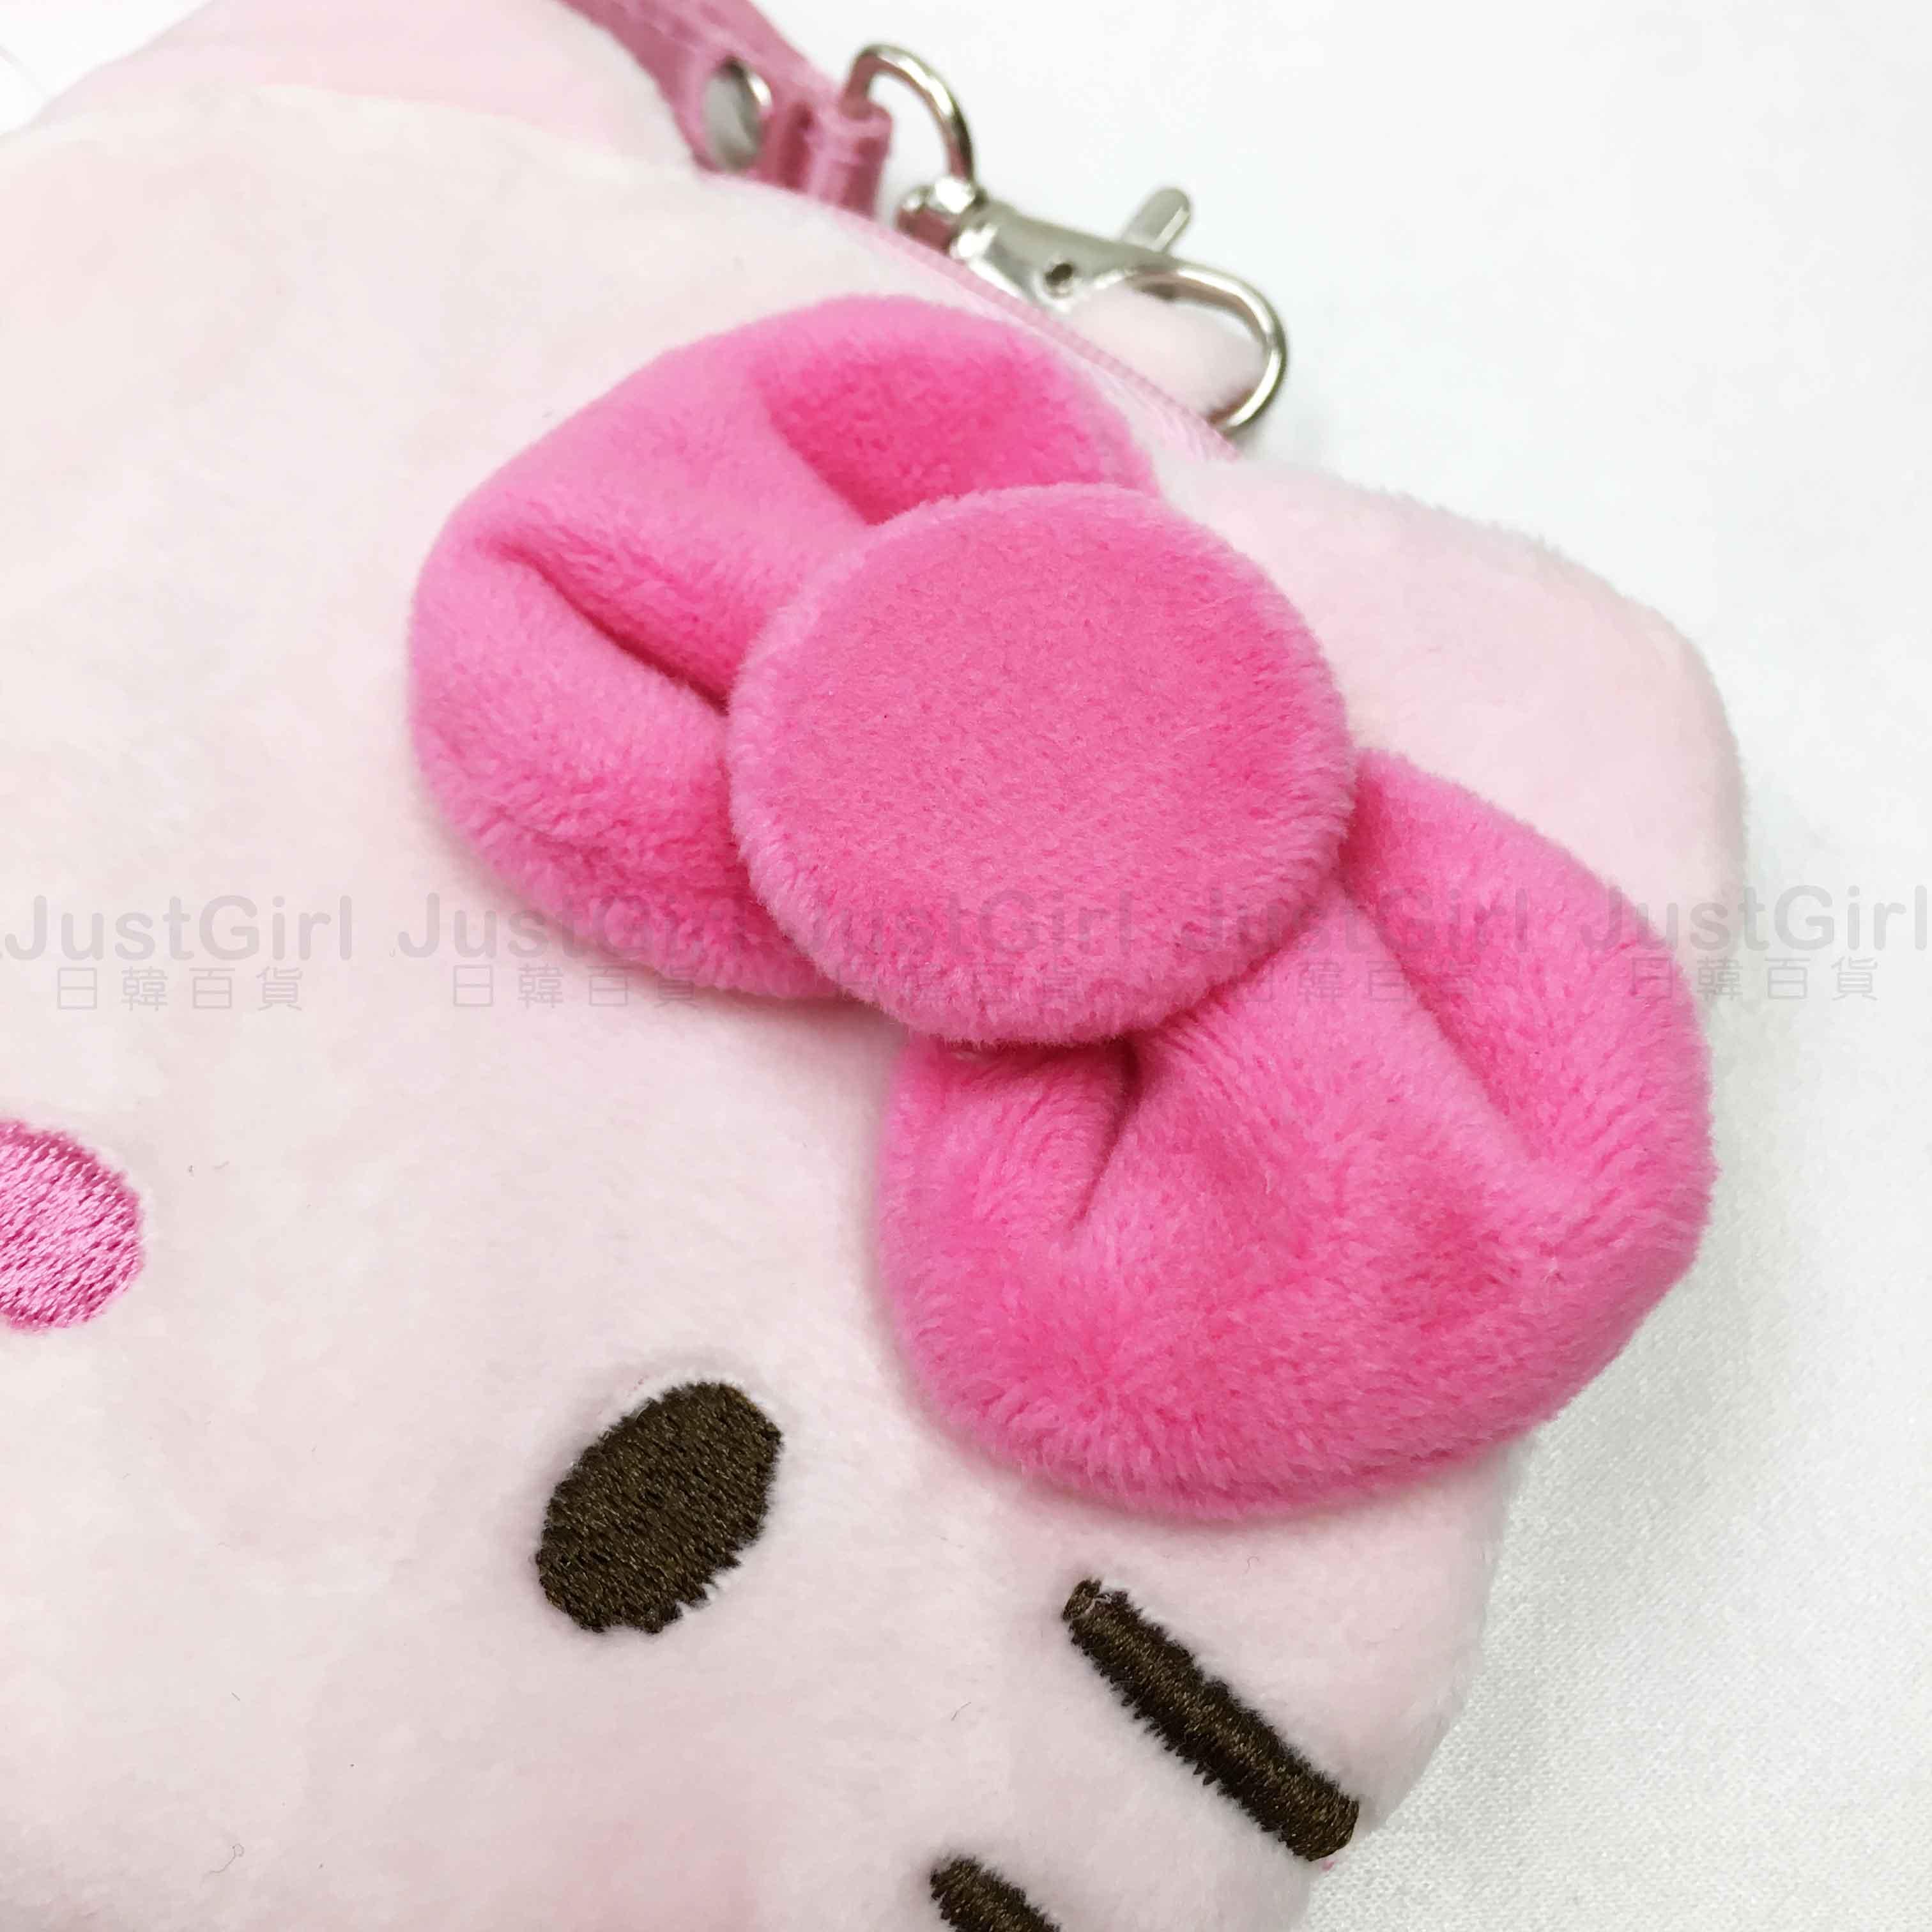 零錢包 三麗鷗 Hello Kitty 絨毛 大頭 造型 刺繡 掛繩 粉 小物 收納包 正版授權